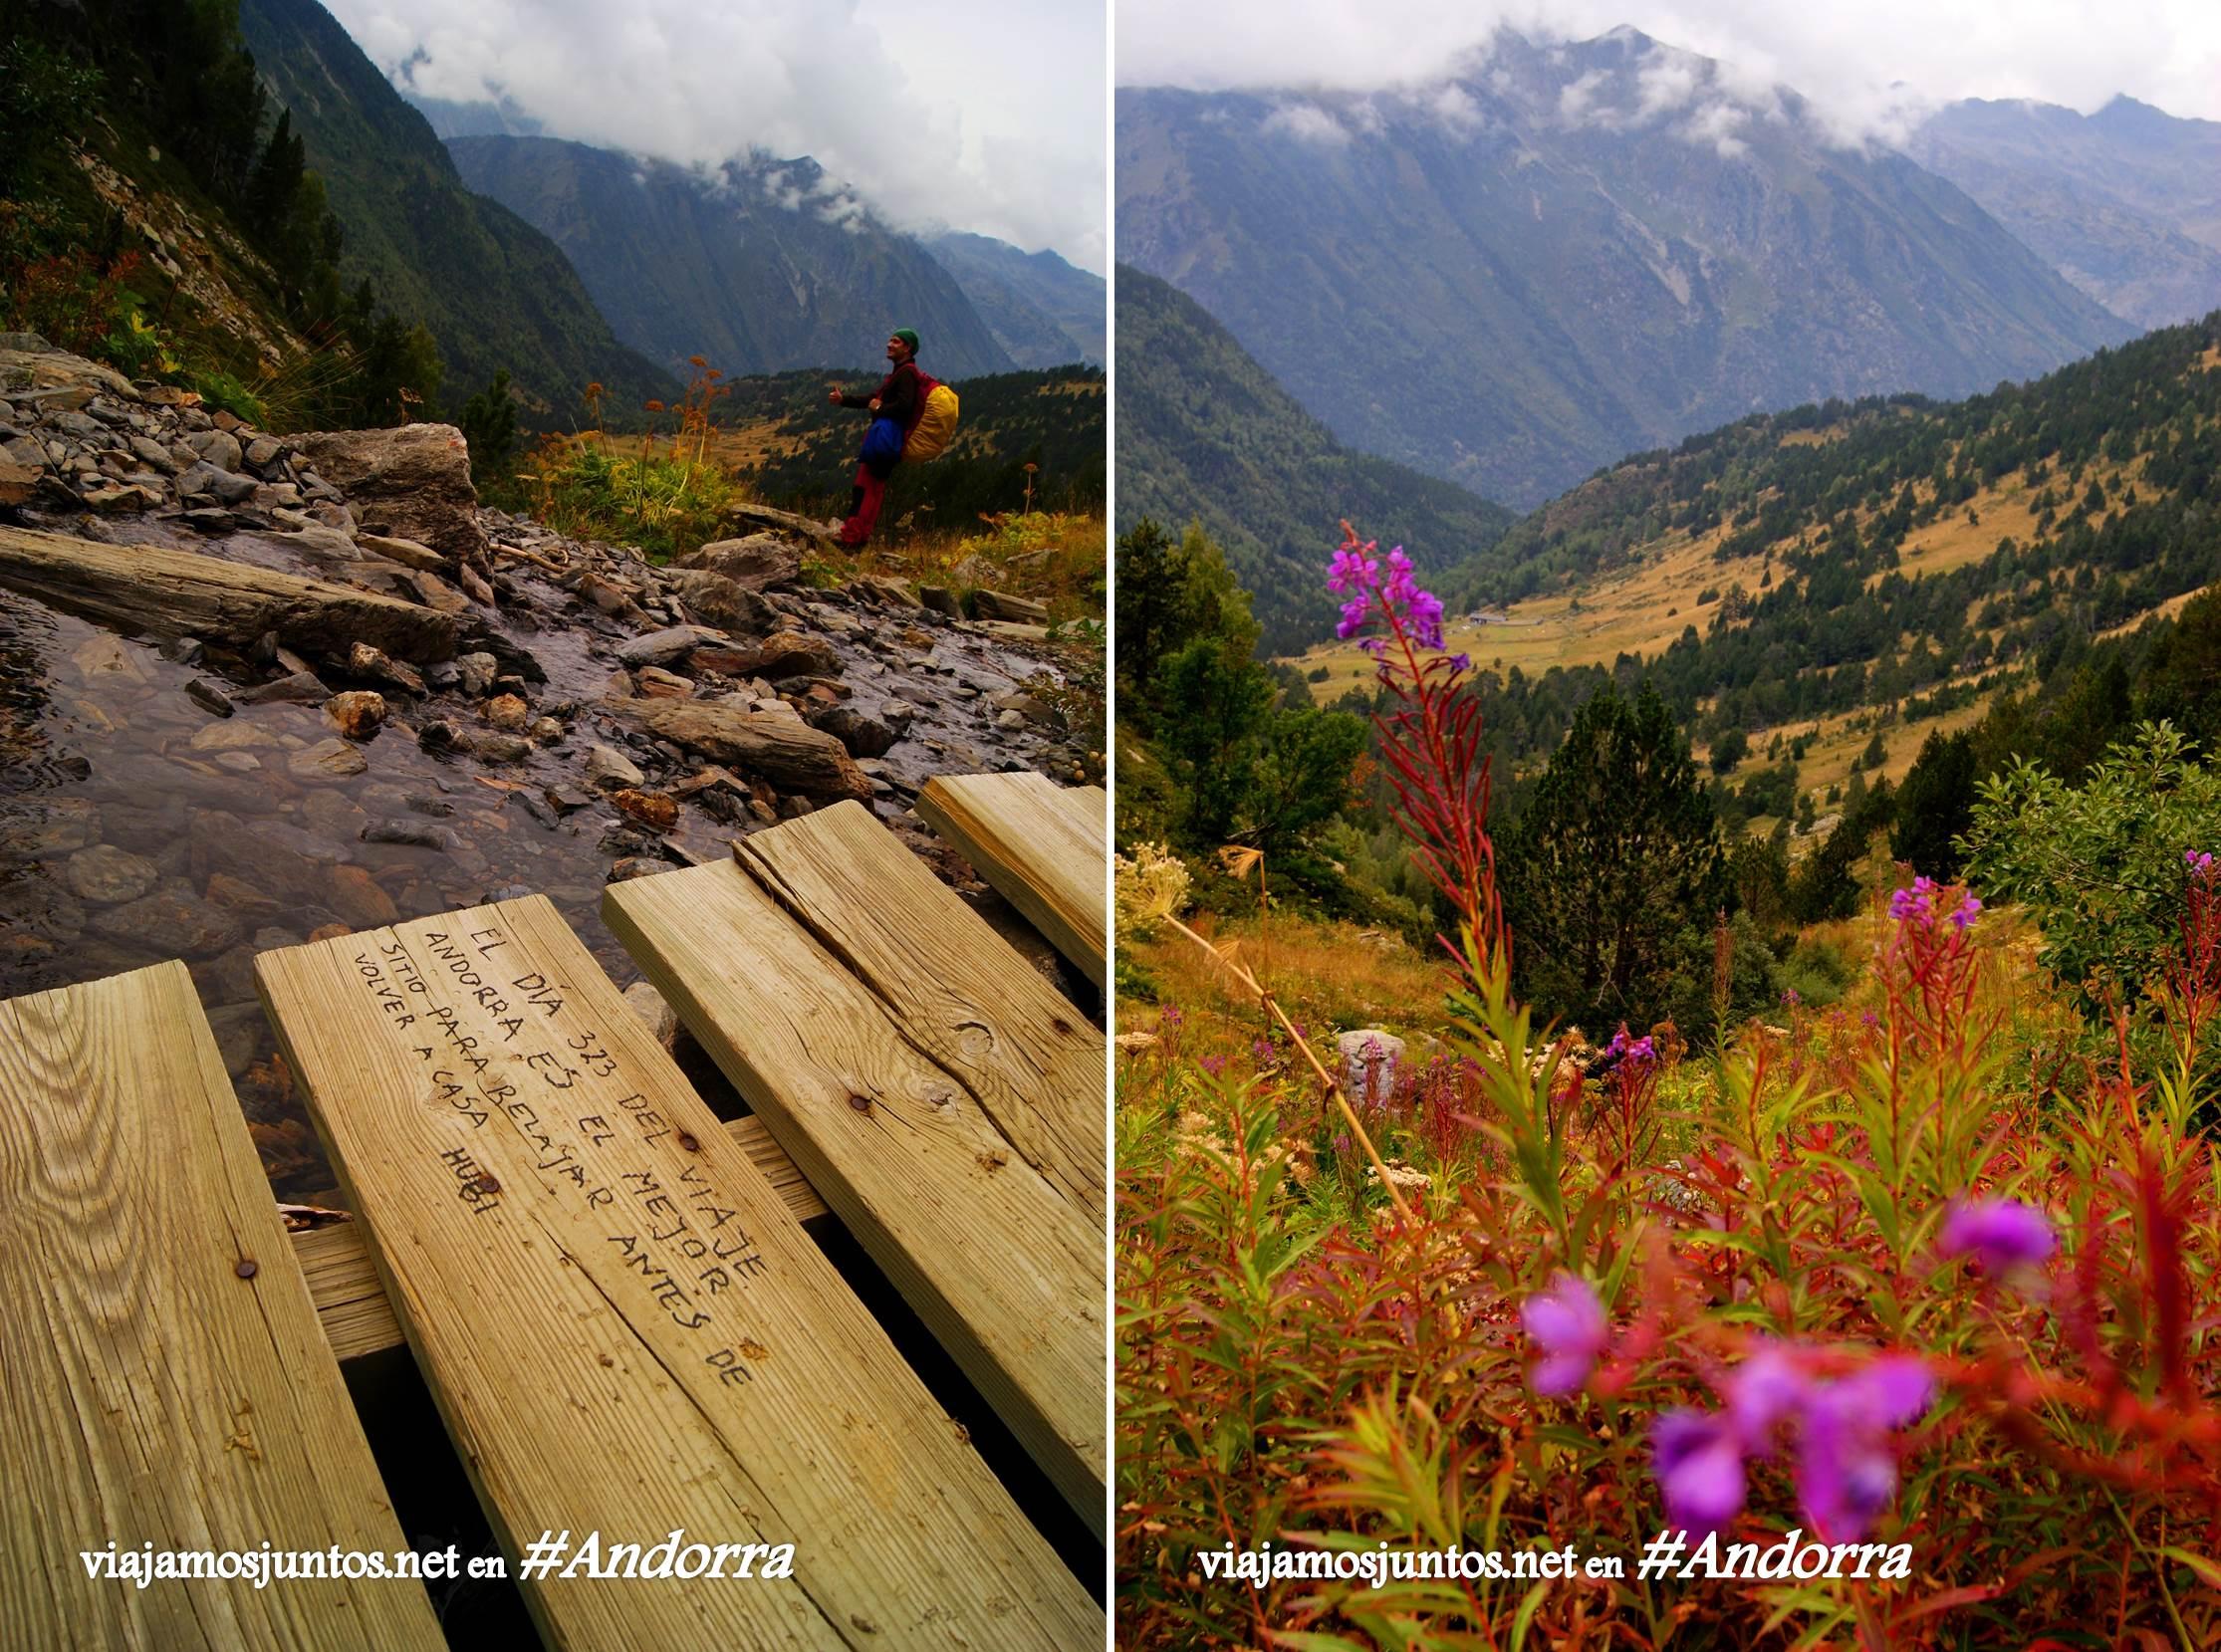 GRP de Andorra, trekking por los Pirineos Orientales; Palabras de un viajero